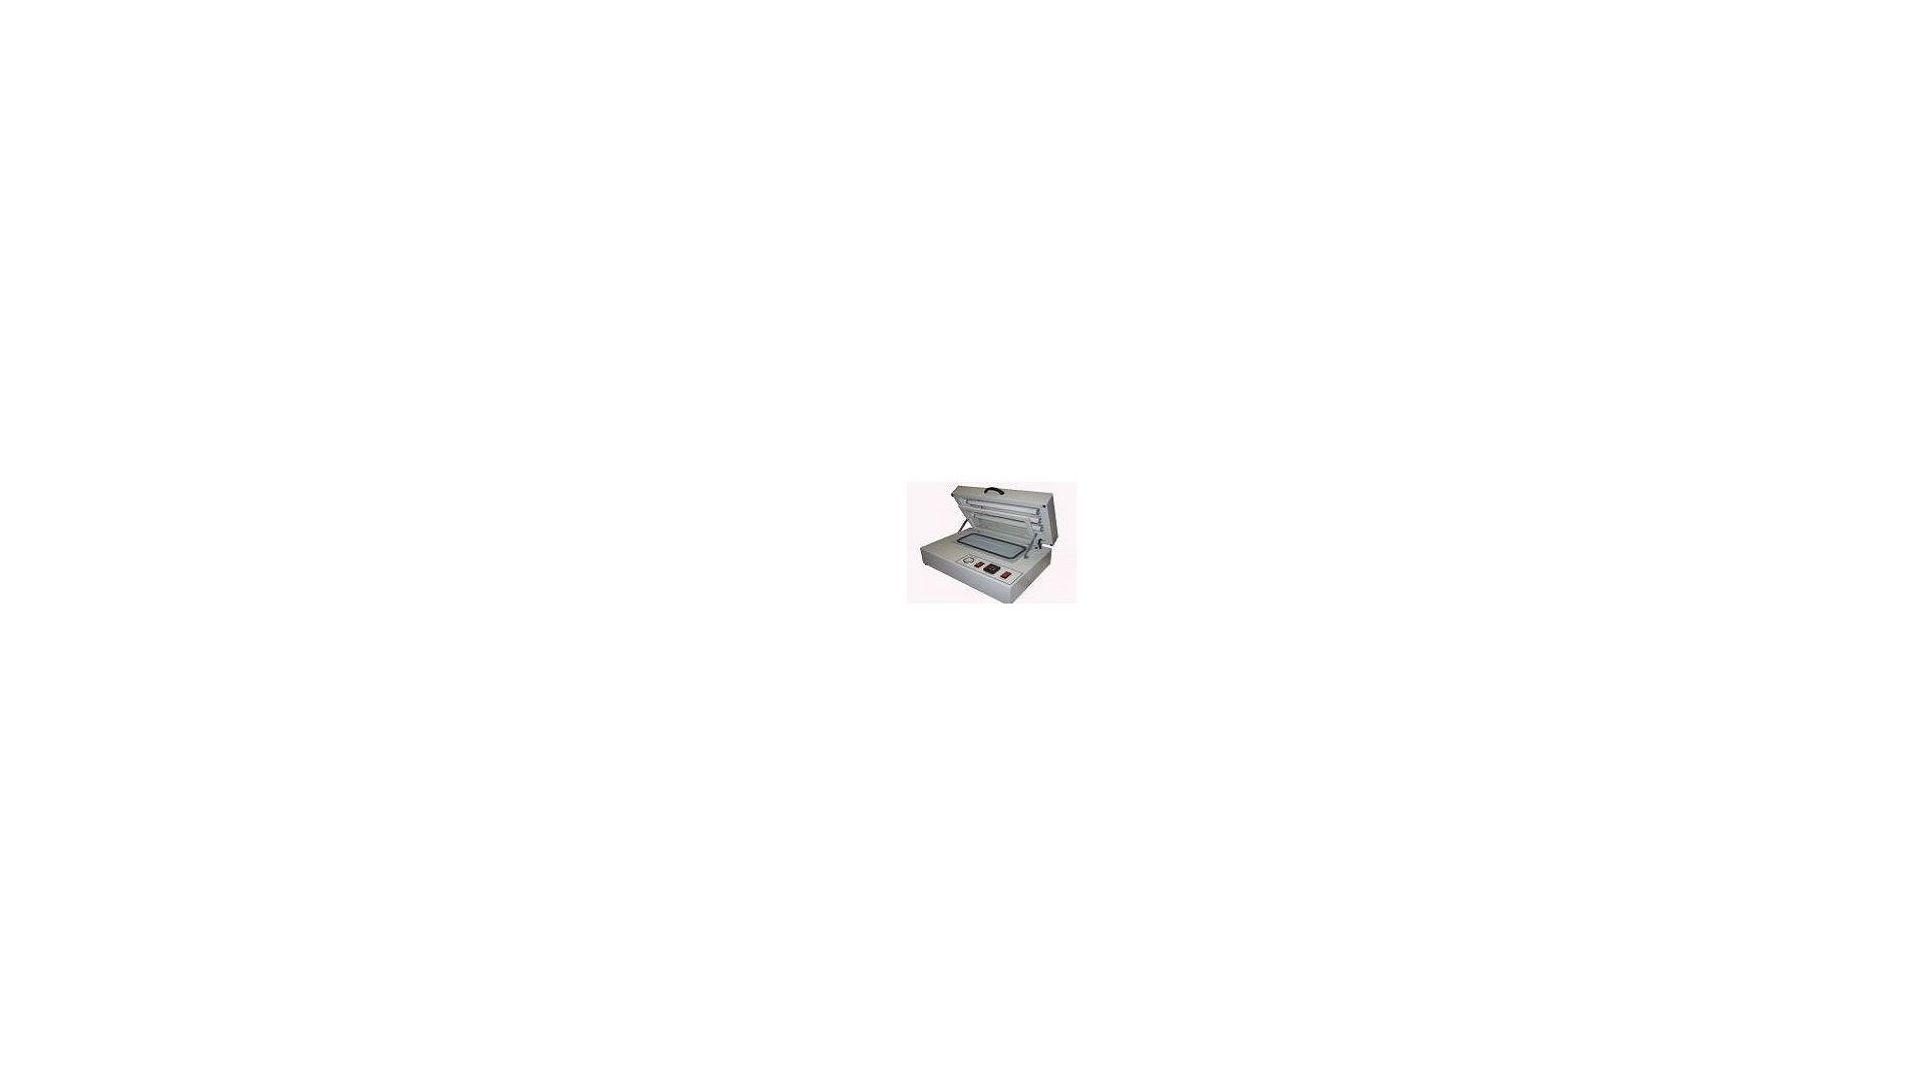 Insoladora de tampografía